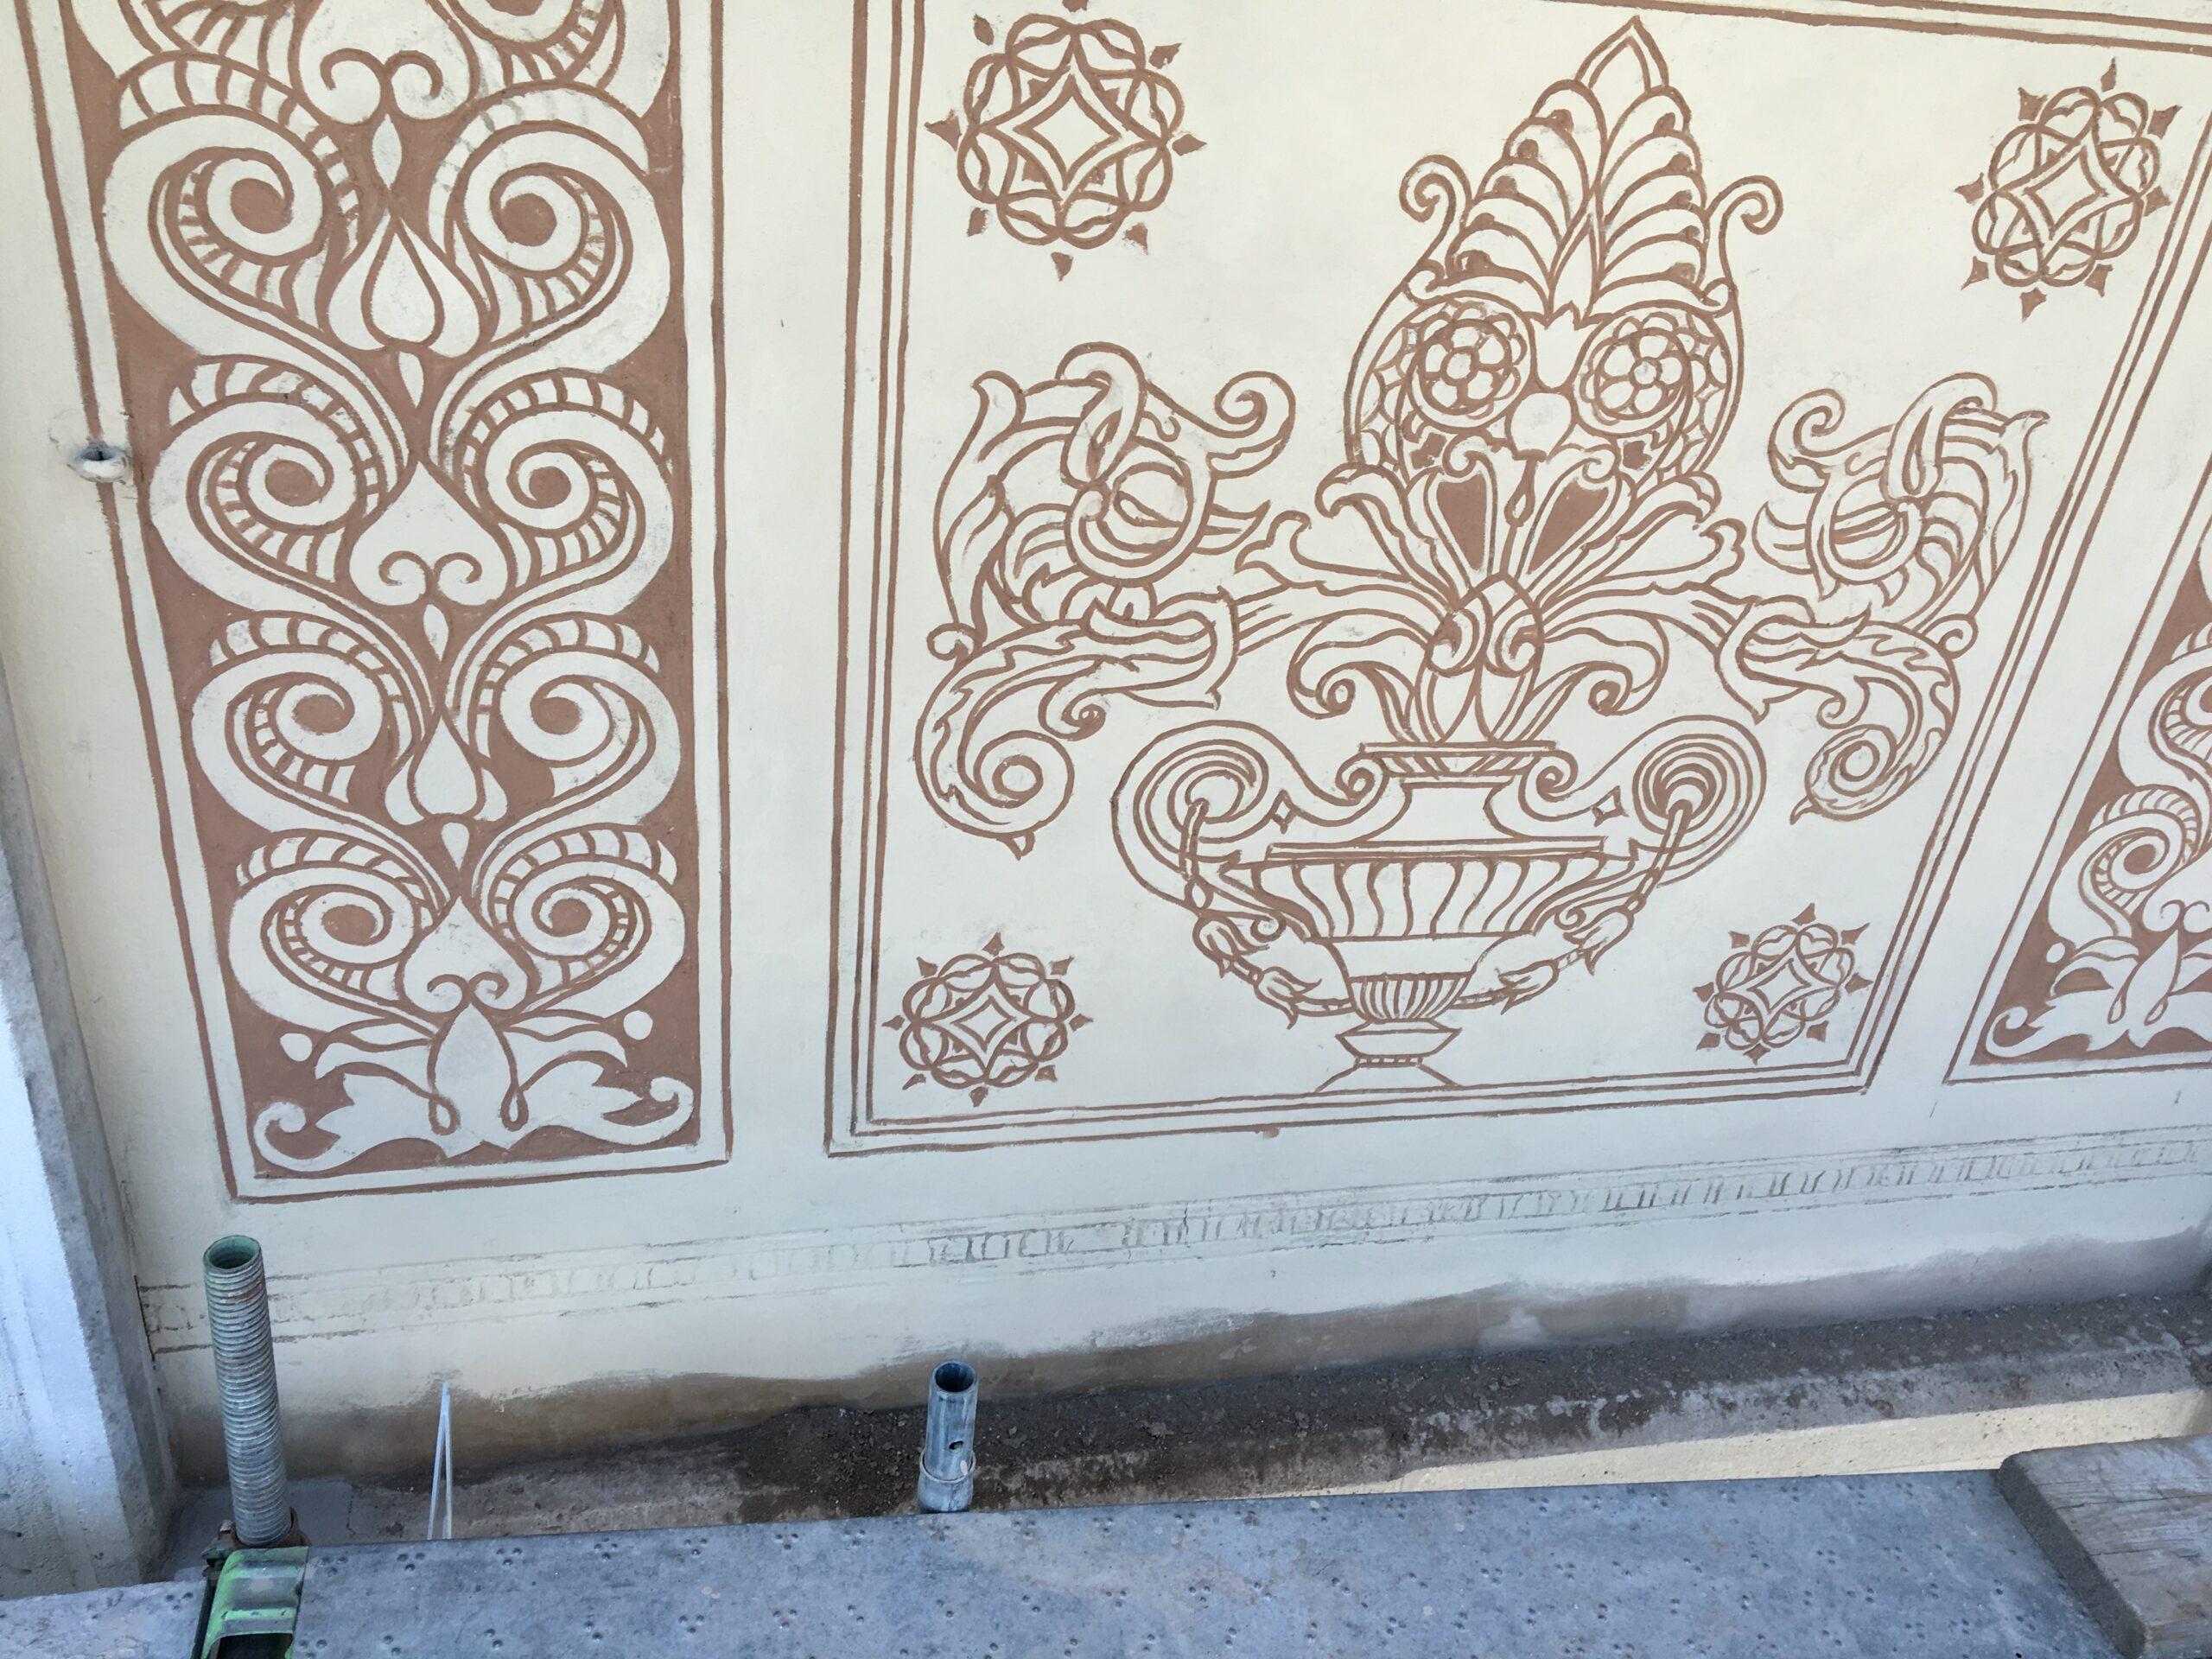 8. Particolare di affresco decorativo sul prospetto degradato con lavori di restauro e recupero: lavori in corso.